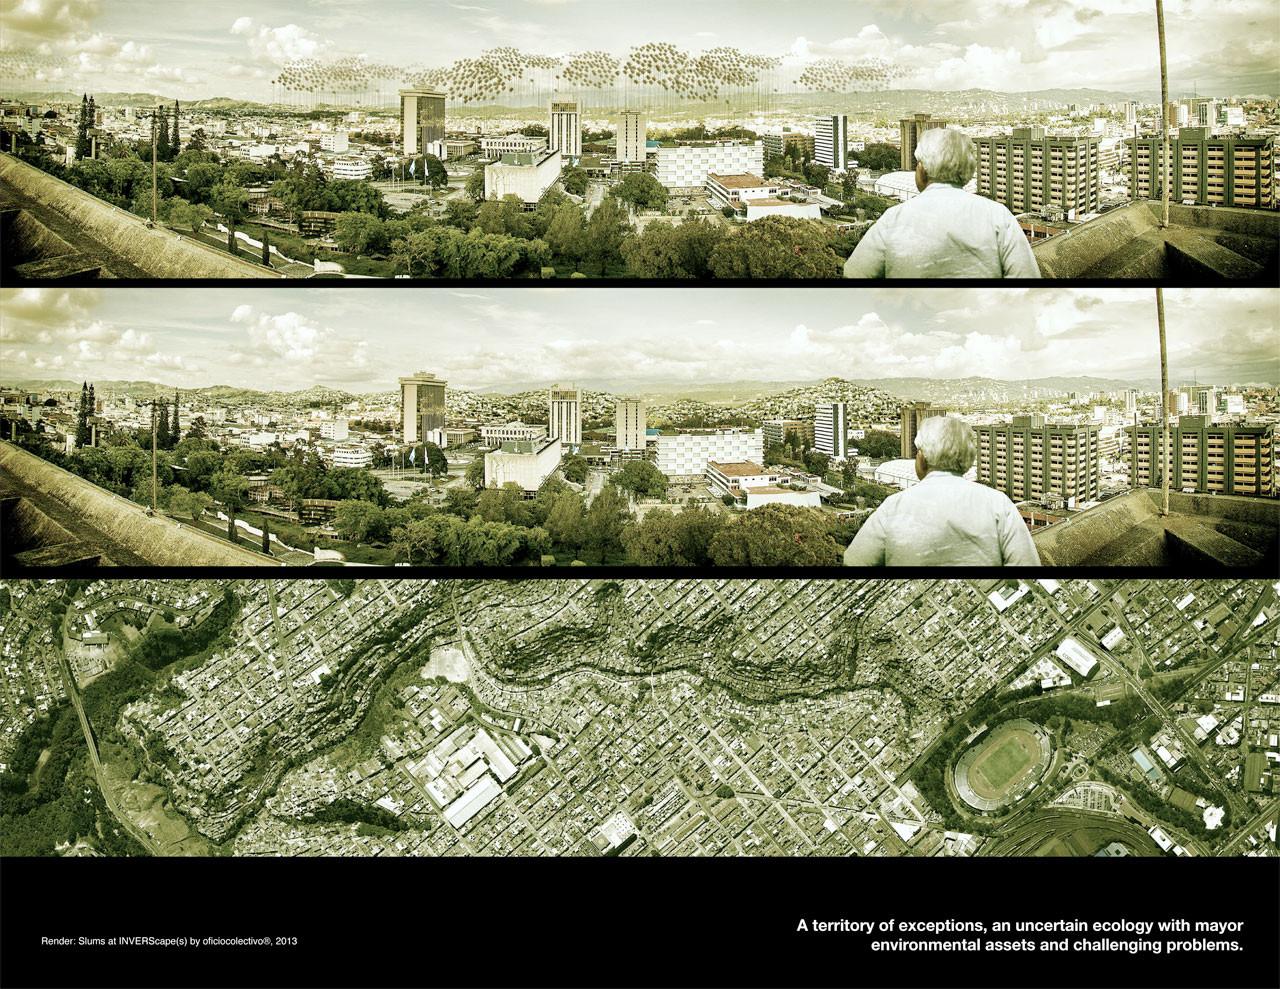 INVERScape(s) Barranco Invertido - La Limonada. Image Courtesy of oficiocolectivo